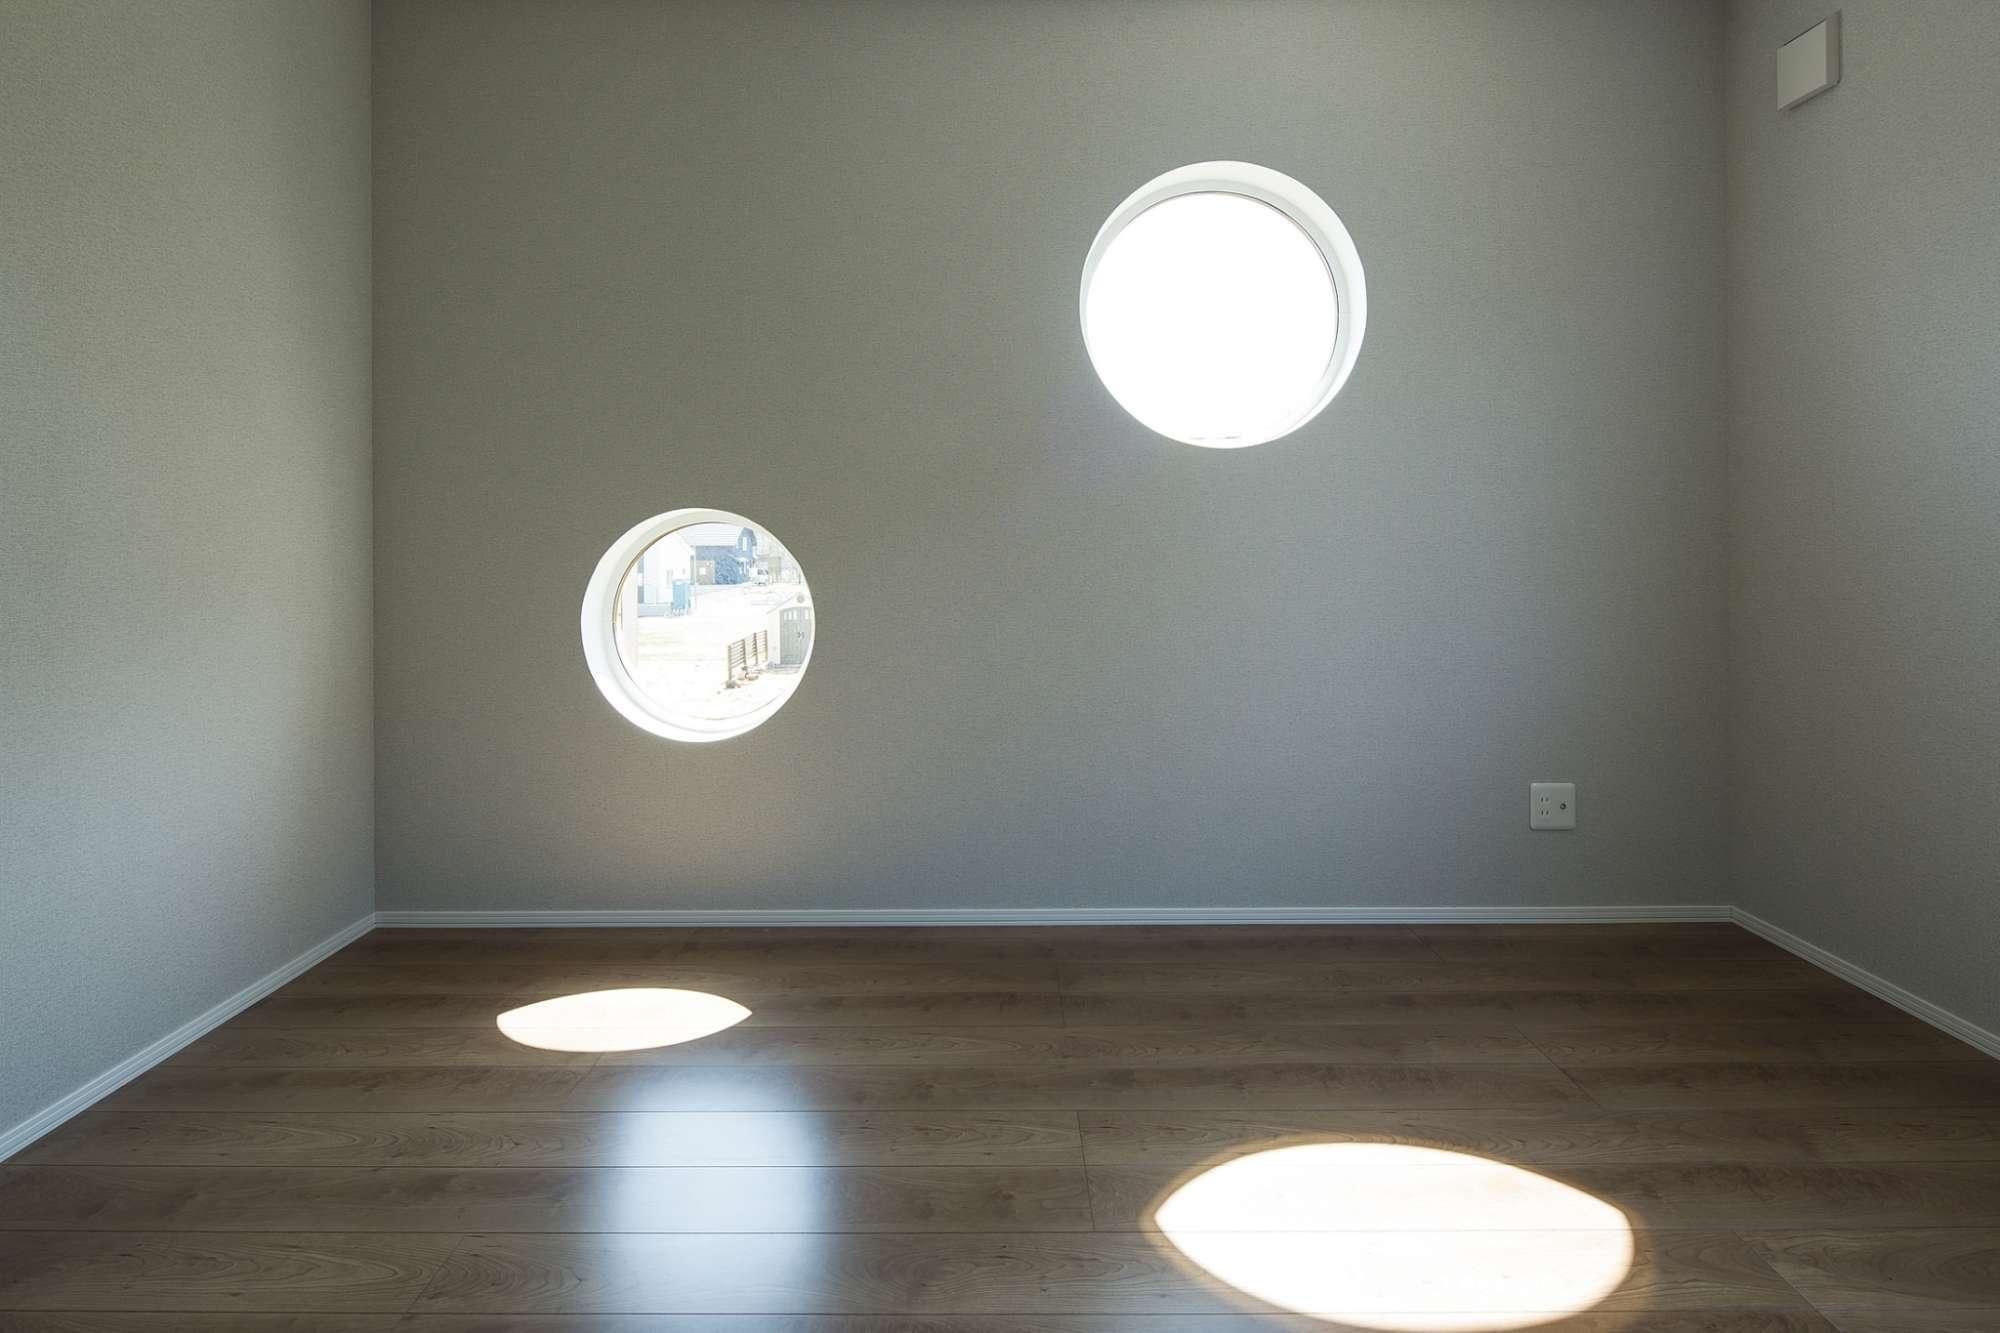 寝室は円形の窓がポイントで、ワイドなウォークインクロゼットも設置 -  -  -